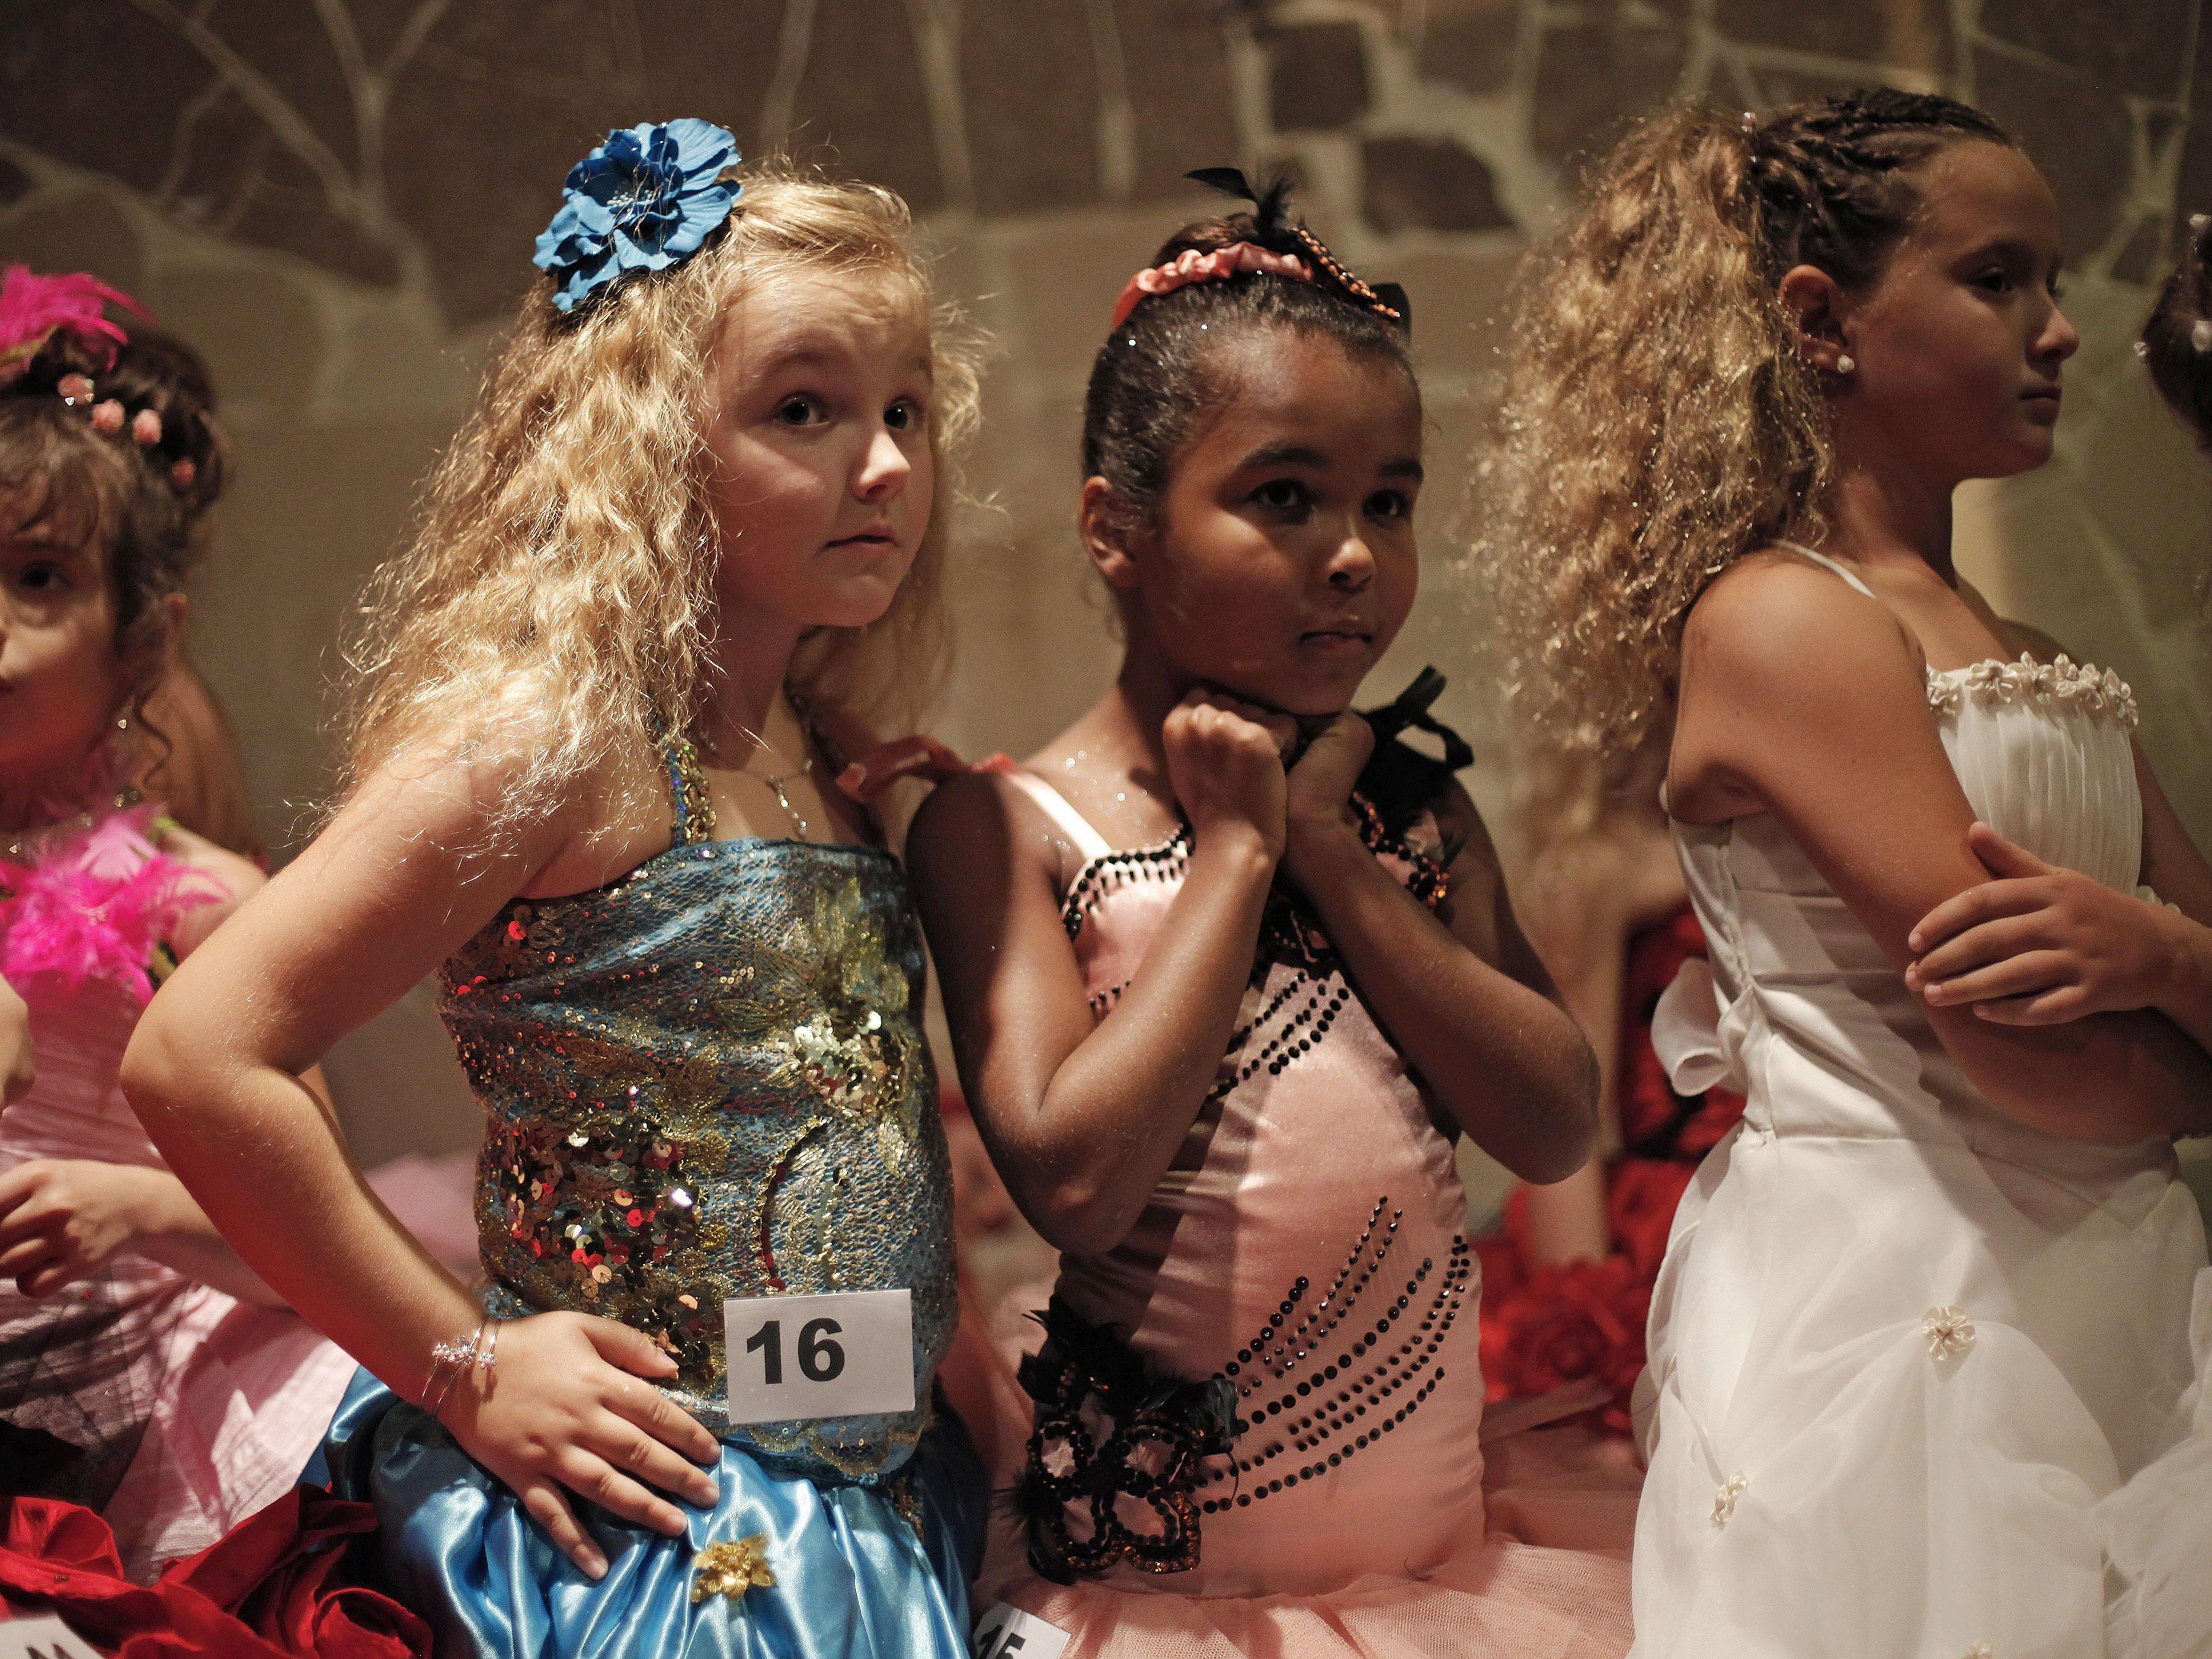 Trotz dem geplanten Verbot von Schönheitswettbewerben für Mädchen, soll am Samstag die Mini-Miss-Wahl in Paris stattfinden.